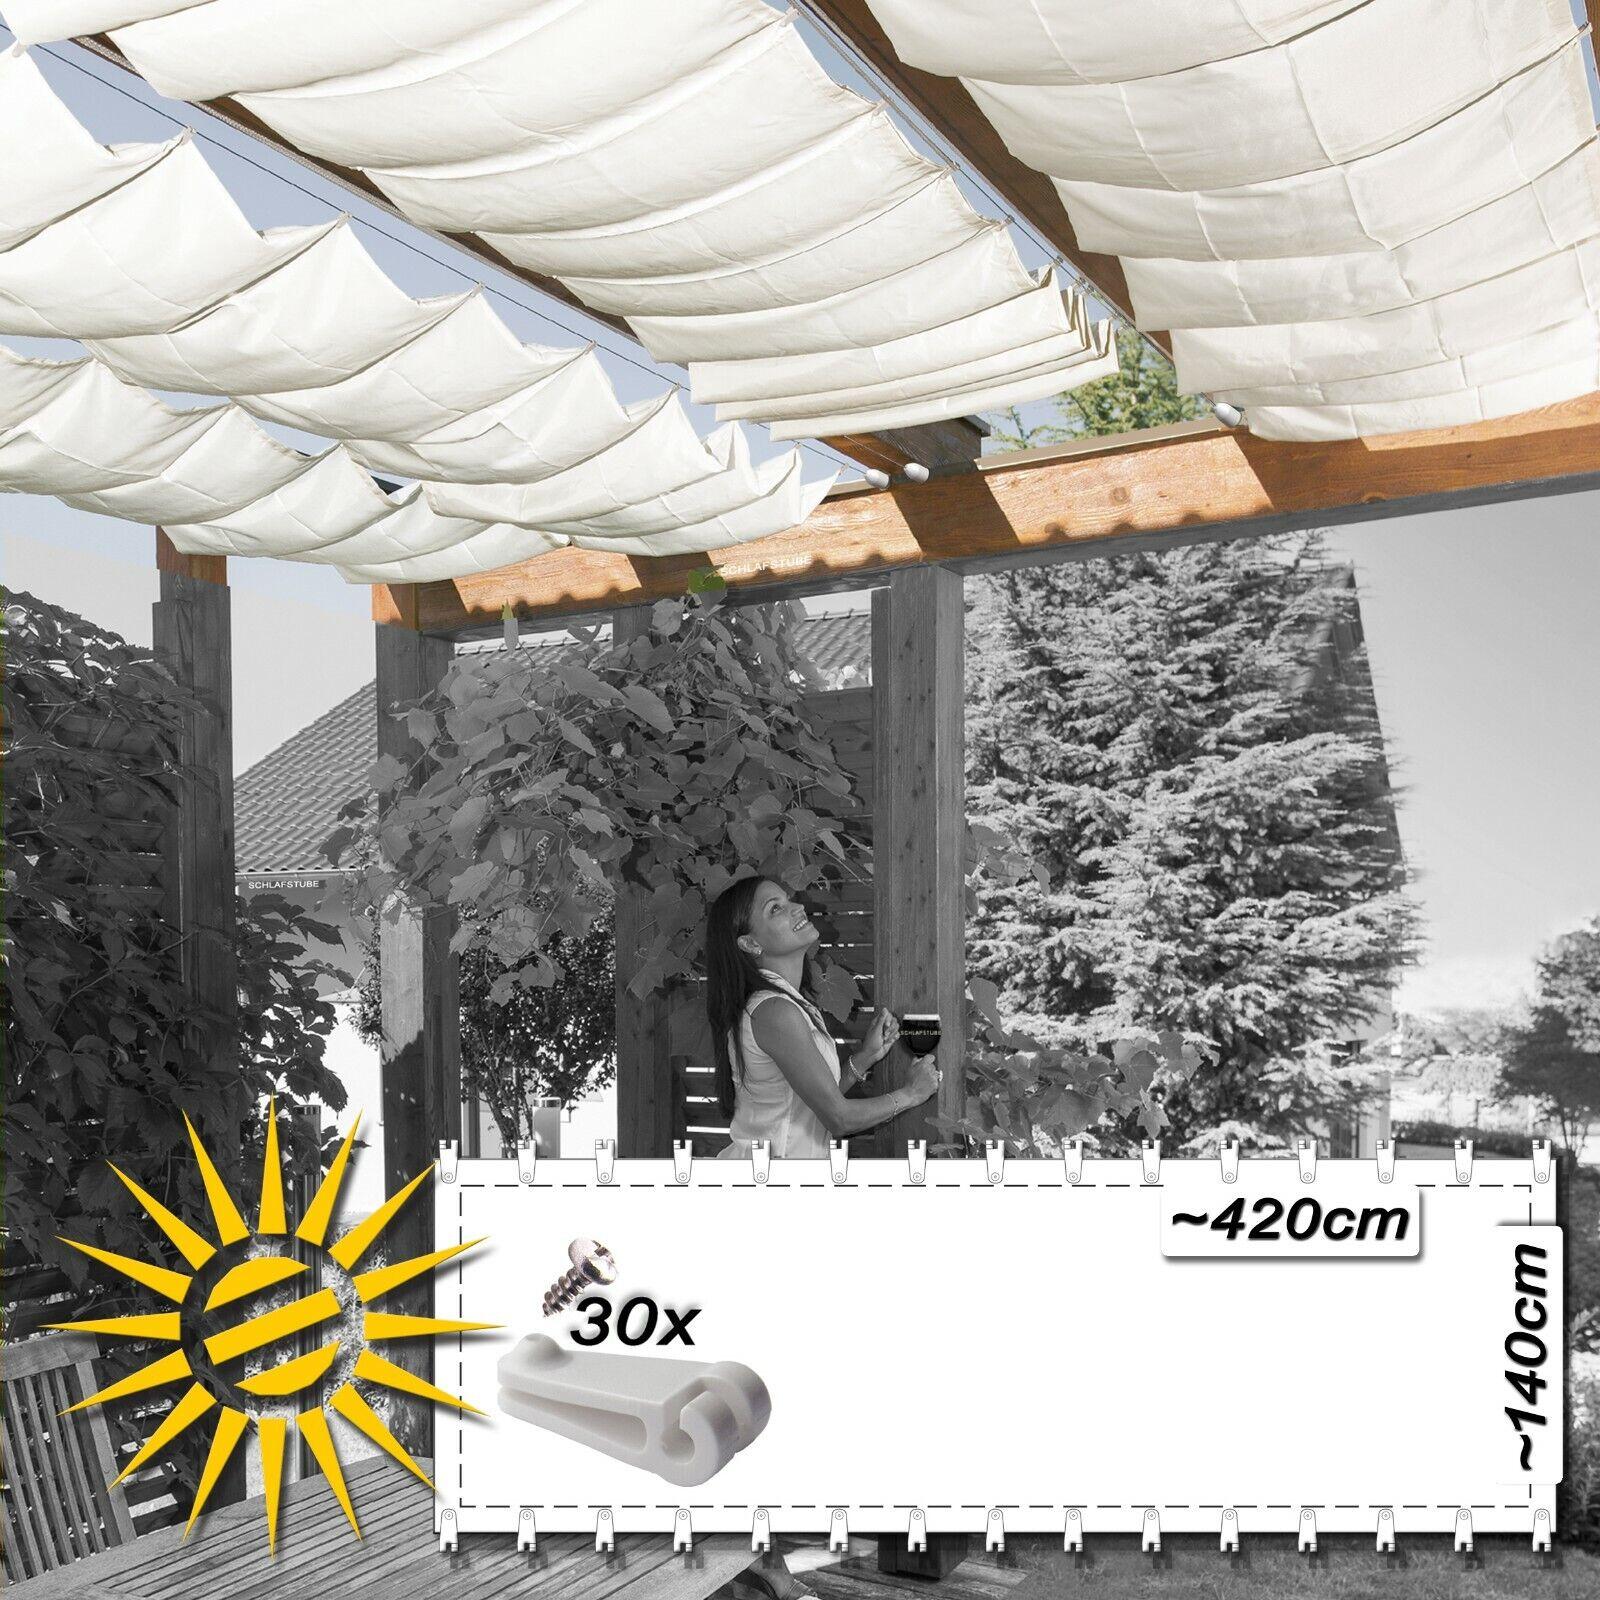 Toldo vela Weiss aprox. 420x140 cm 30 ganchos de ejecución projoección UV jardín de invierno siguiendo a los sujetos